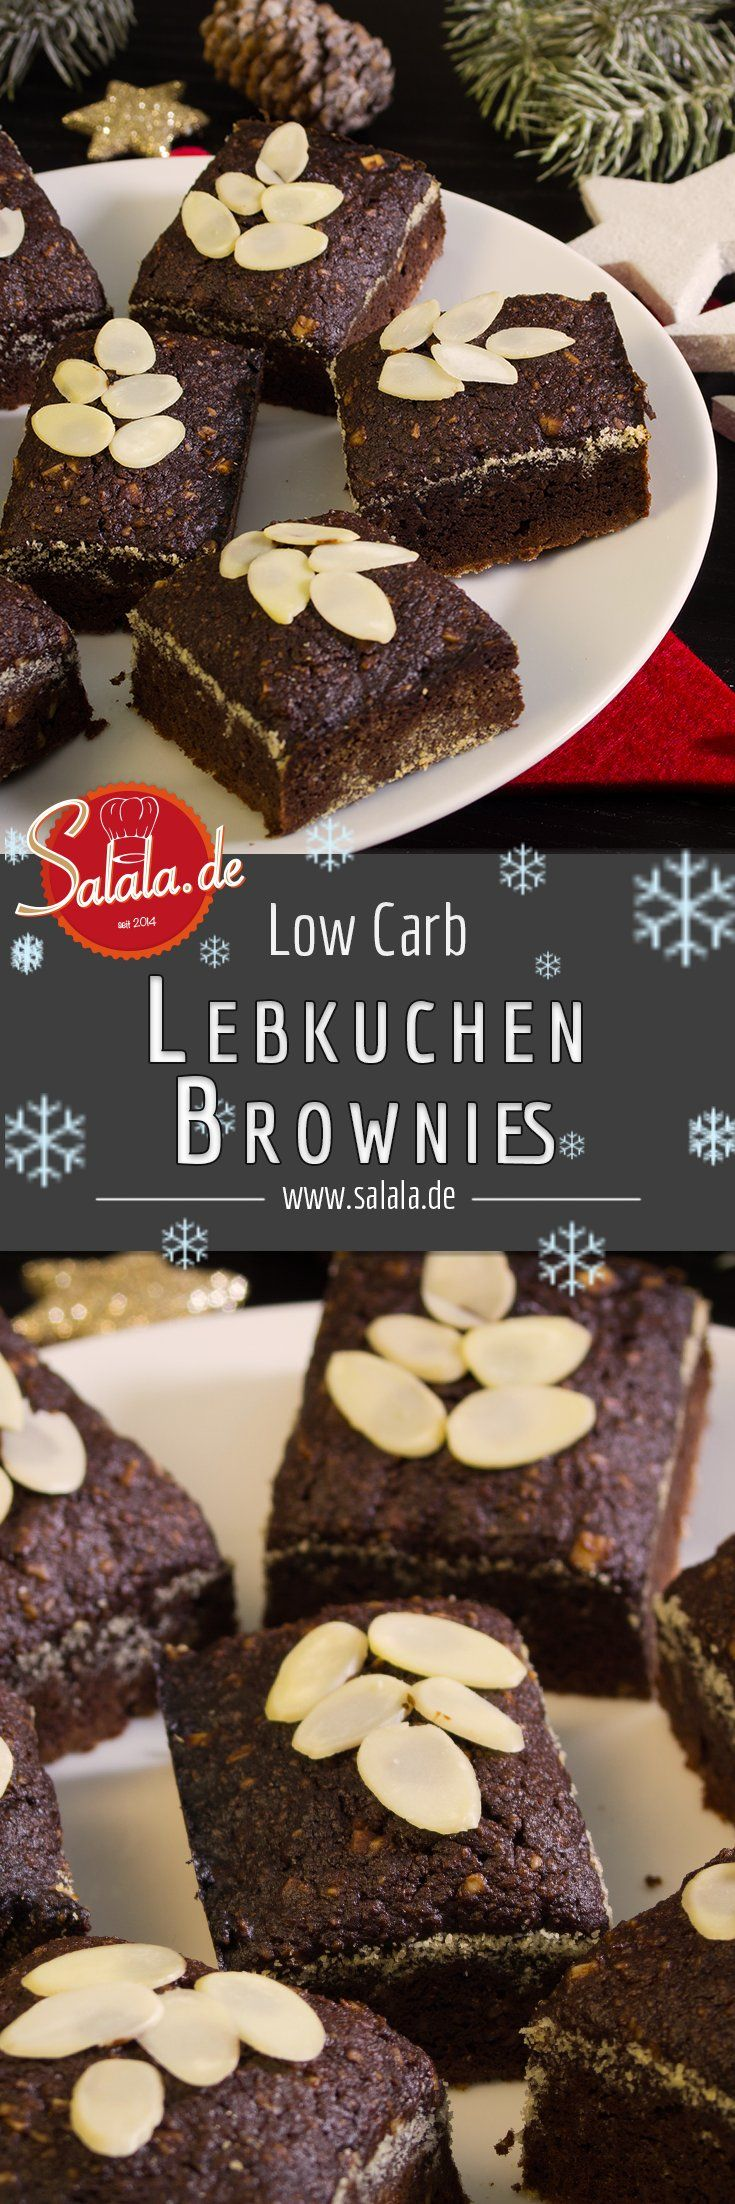 Leckere Low Carb Lebkuchen Brownies - Du bist auf der Suche nach einem leckeren, weihnachtlichen und glutenfreiem Low Carb Rezept für Lebkuchen Brownies? Dann bist Du bei uns genau richtig :D